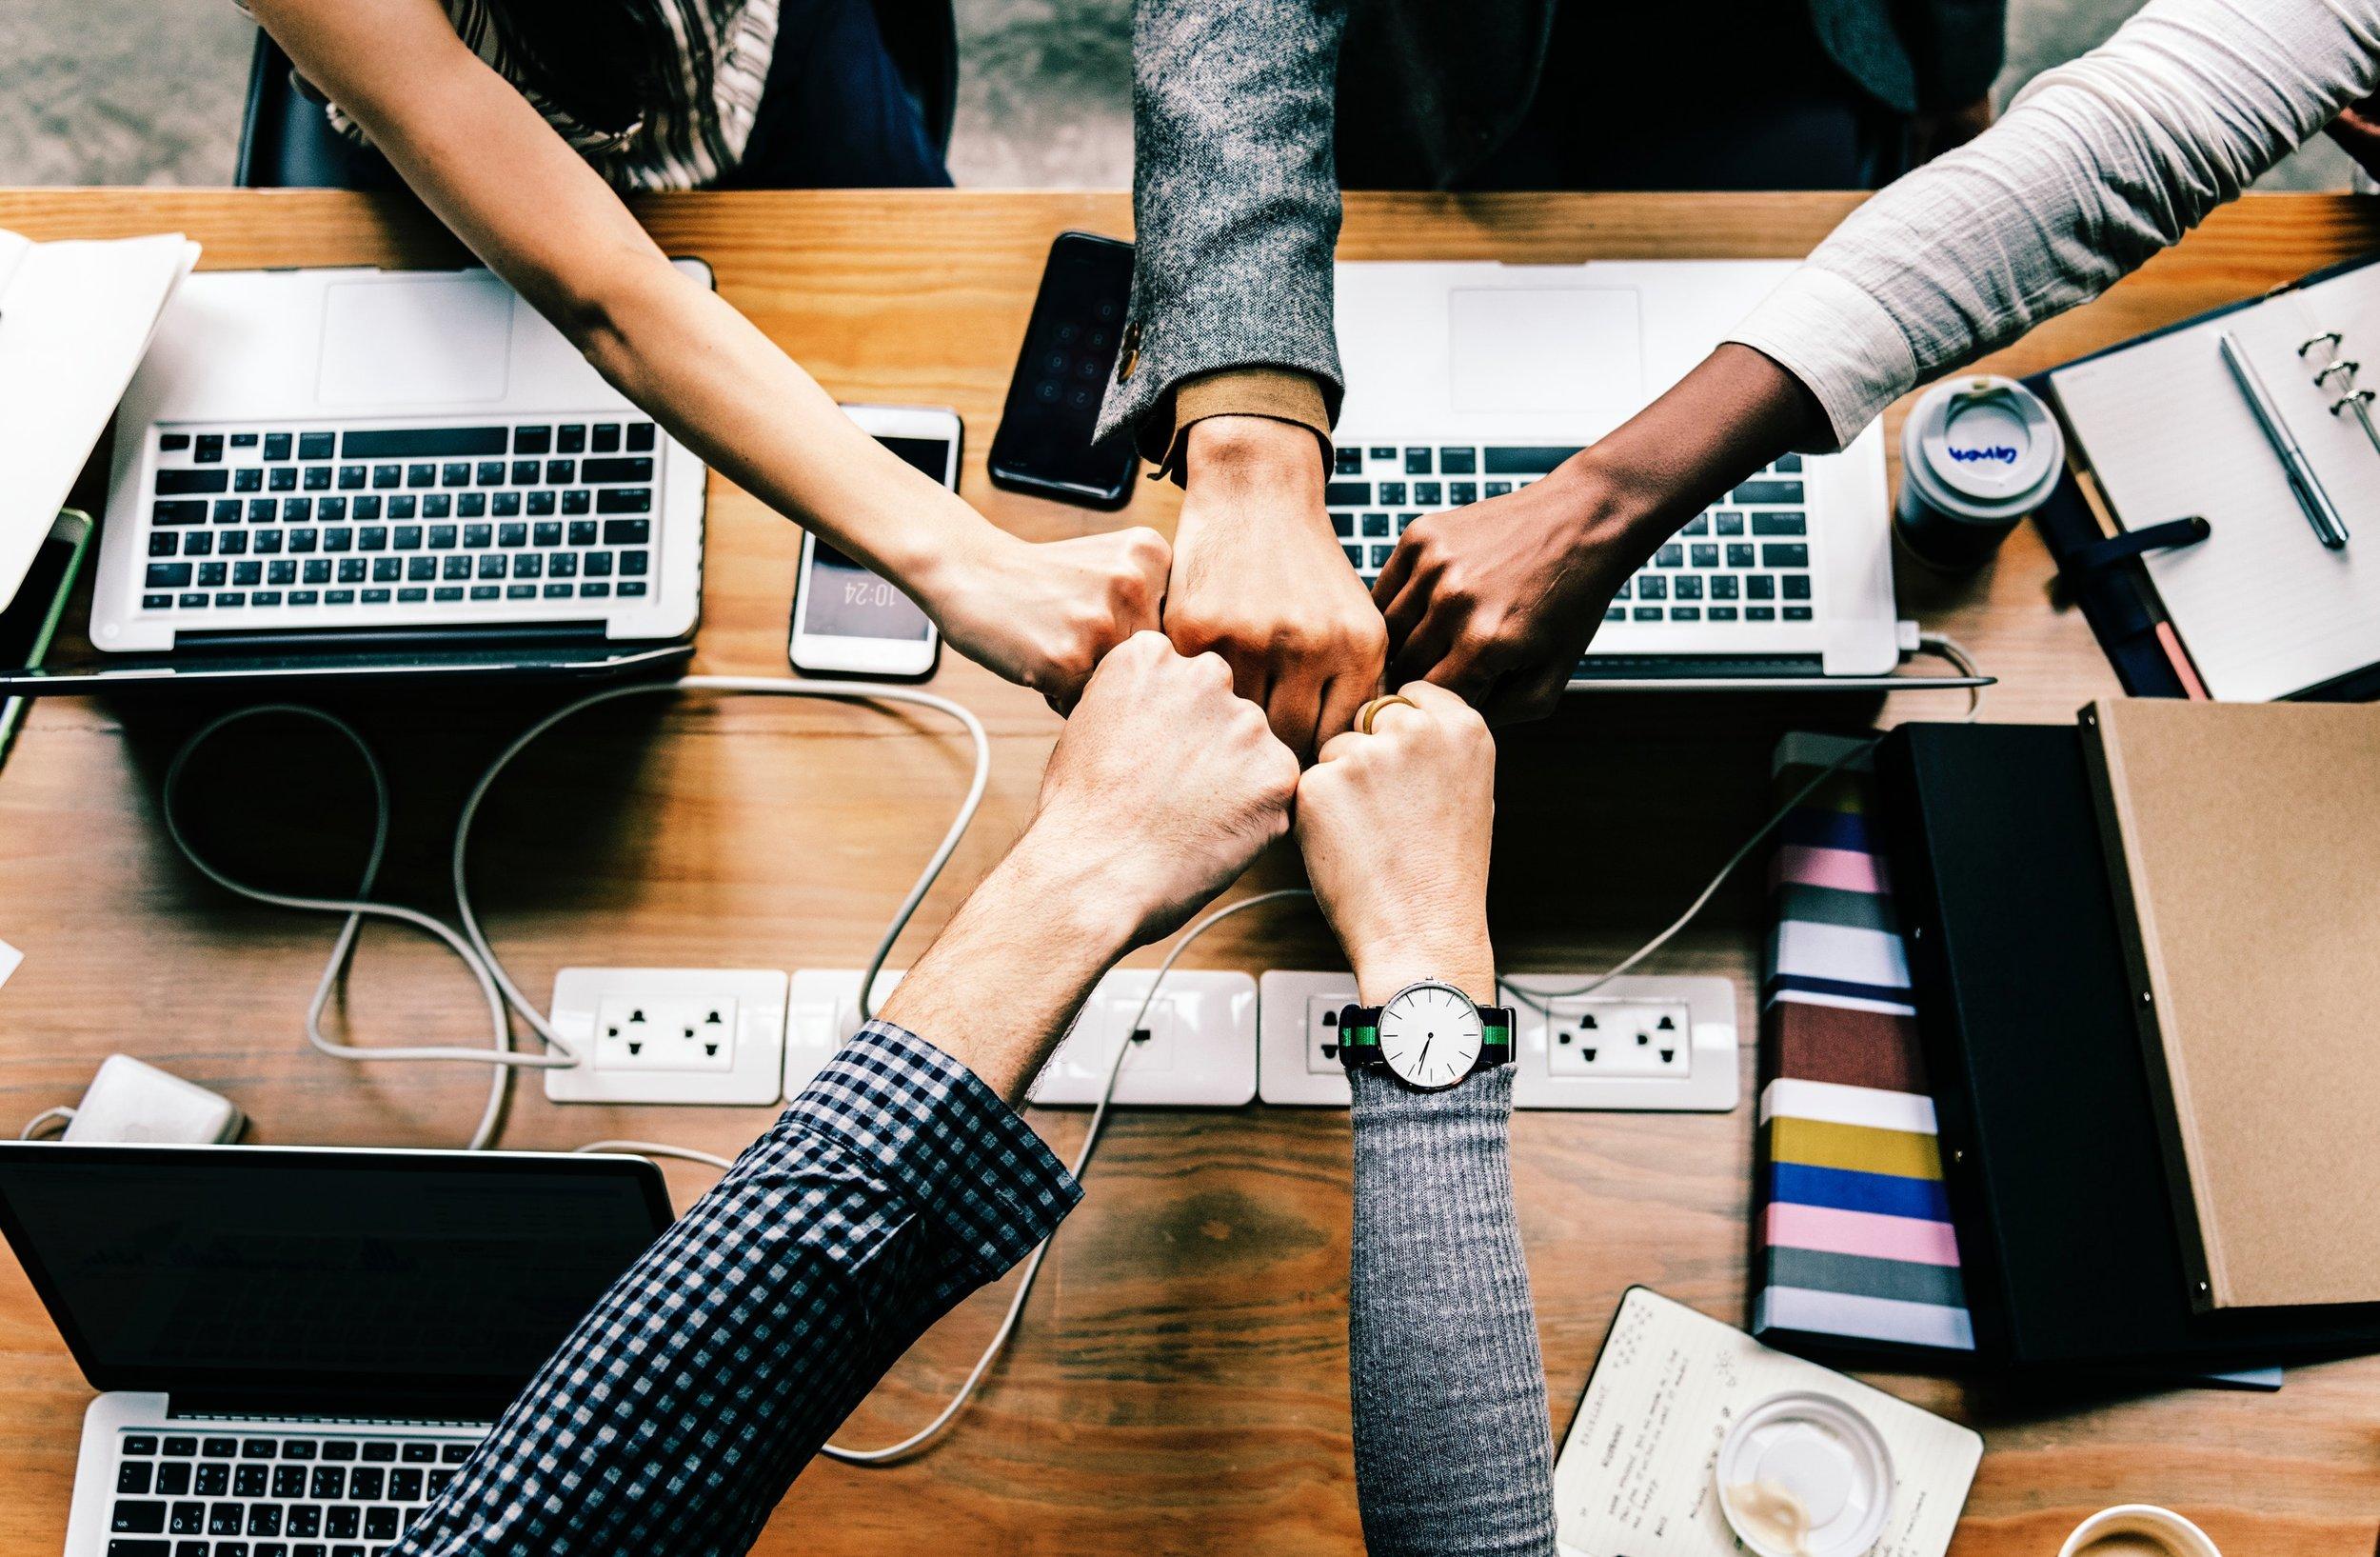 Företagslösningar - Inre färdigheter som grund för strategisk styrning av företag i en snabbt föränderlig värld är en affärsmöjlighet. Stresshantering brukar vara ingången, men den fulla potentialen i de kunskaper och färdigheter vi lär ut får de företag som förstår vikten av att strategiskt länka samman alla nivåer och delar av företagets aktiviteter. En medvetenhetsbaserad företagskultur som bygger på inre färdigheter är attraktivt - för personal, kunder, myndigheter och samhället i stort. En